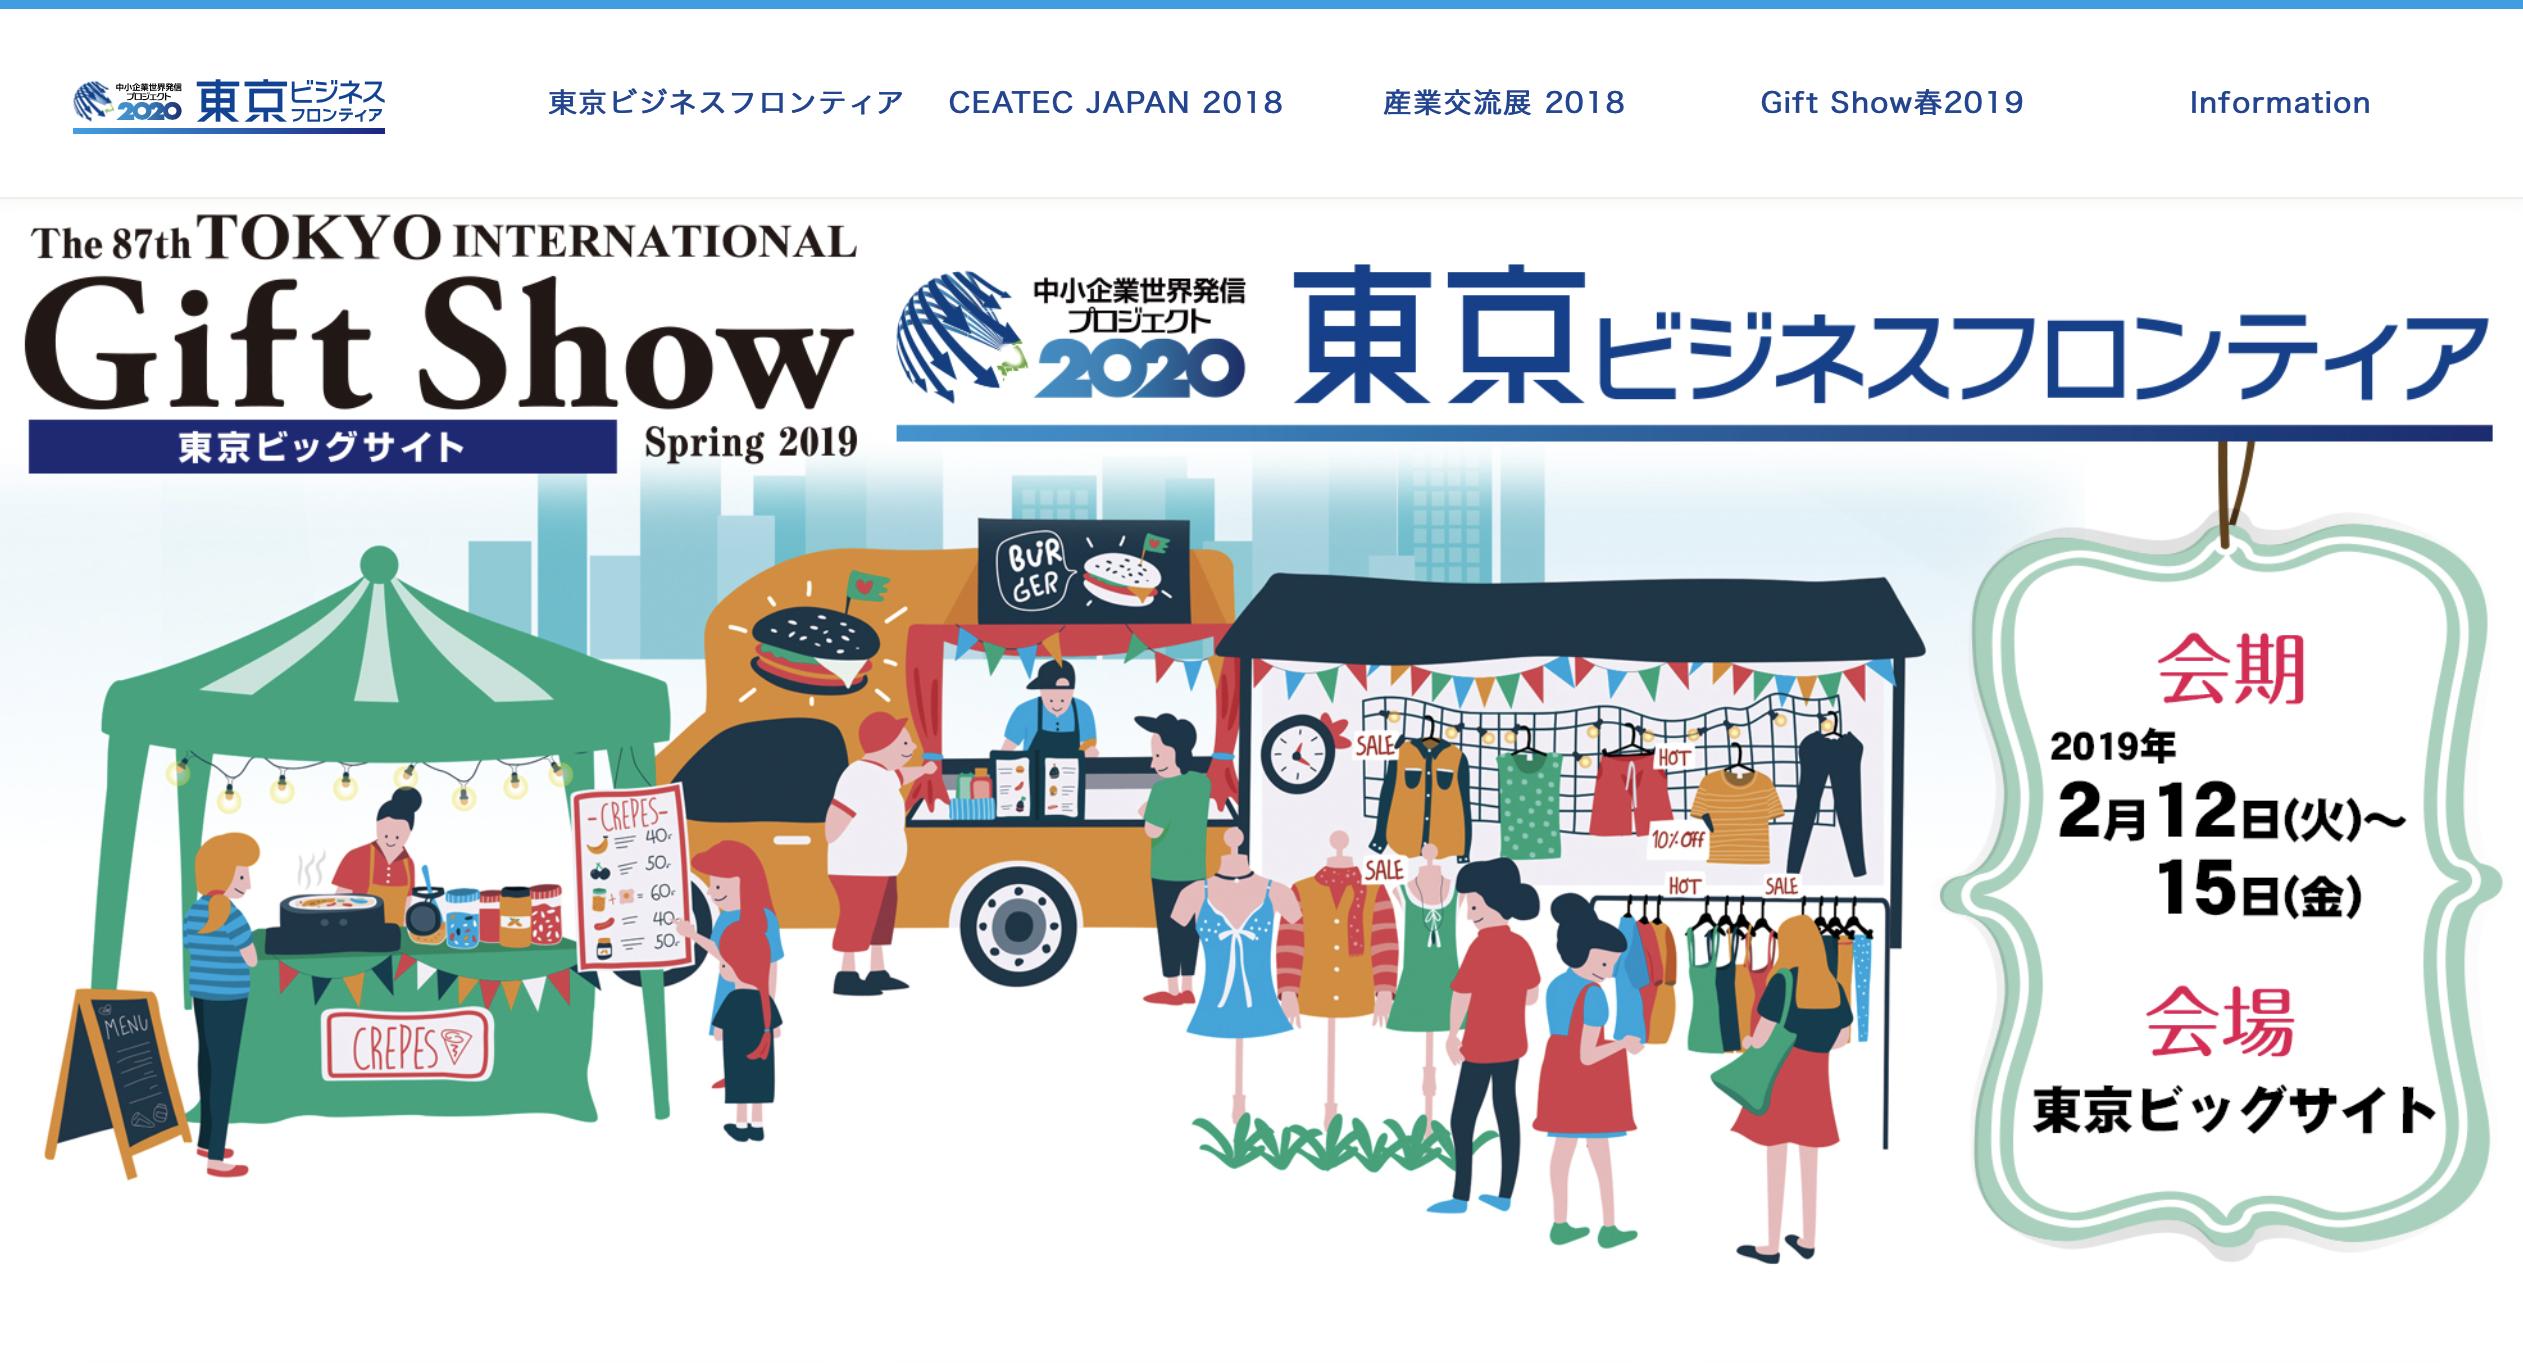 「東京ビジネスフロンティア」のウェブサイト